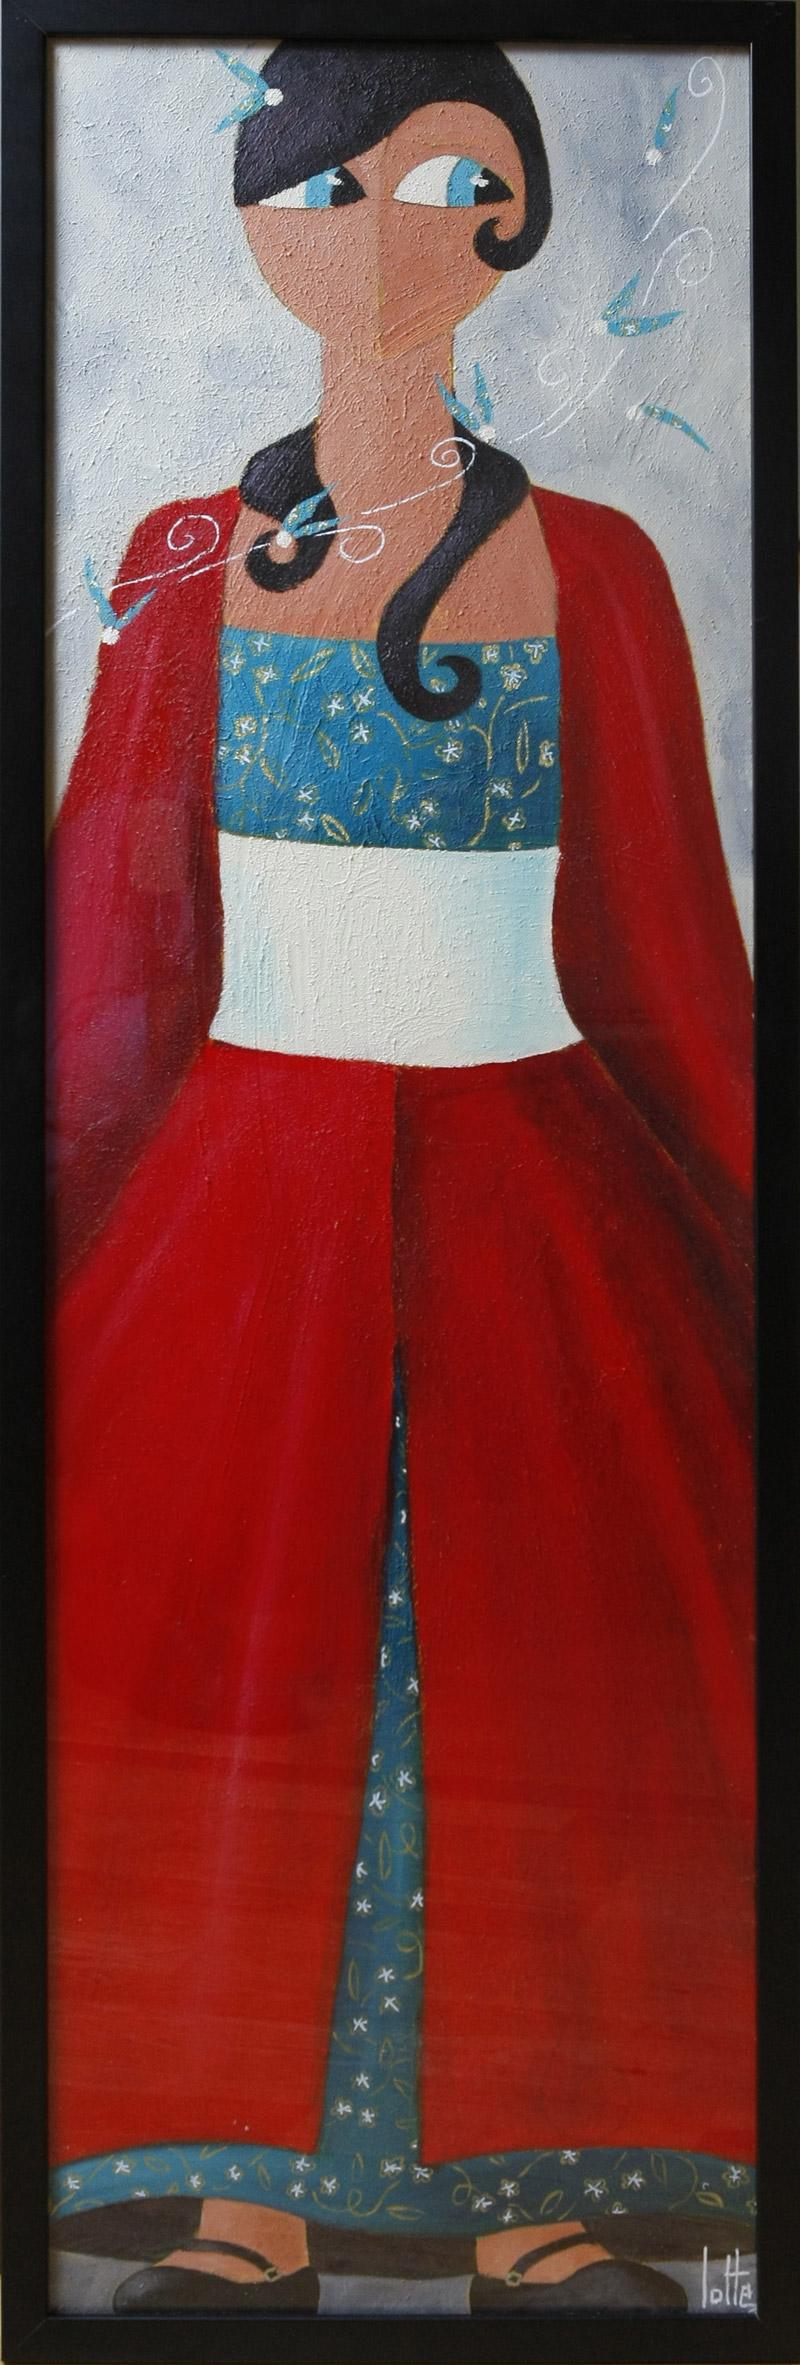 Anne charlotte lotte portrait de femme la robe rouge 1 for Maison de la mode puteaux